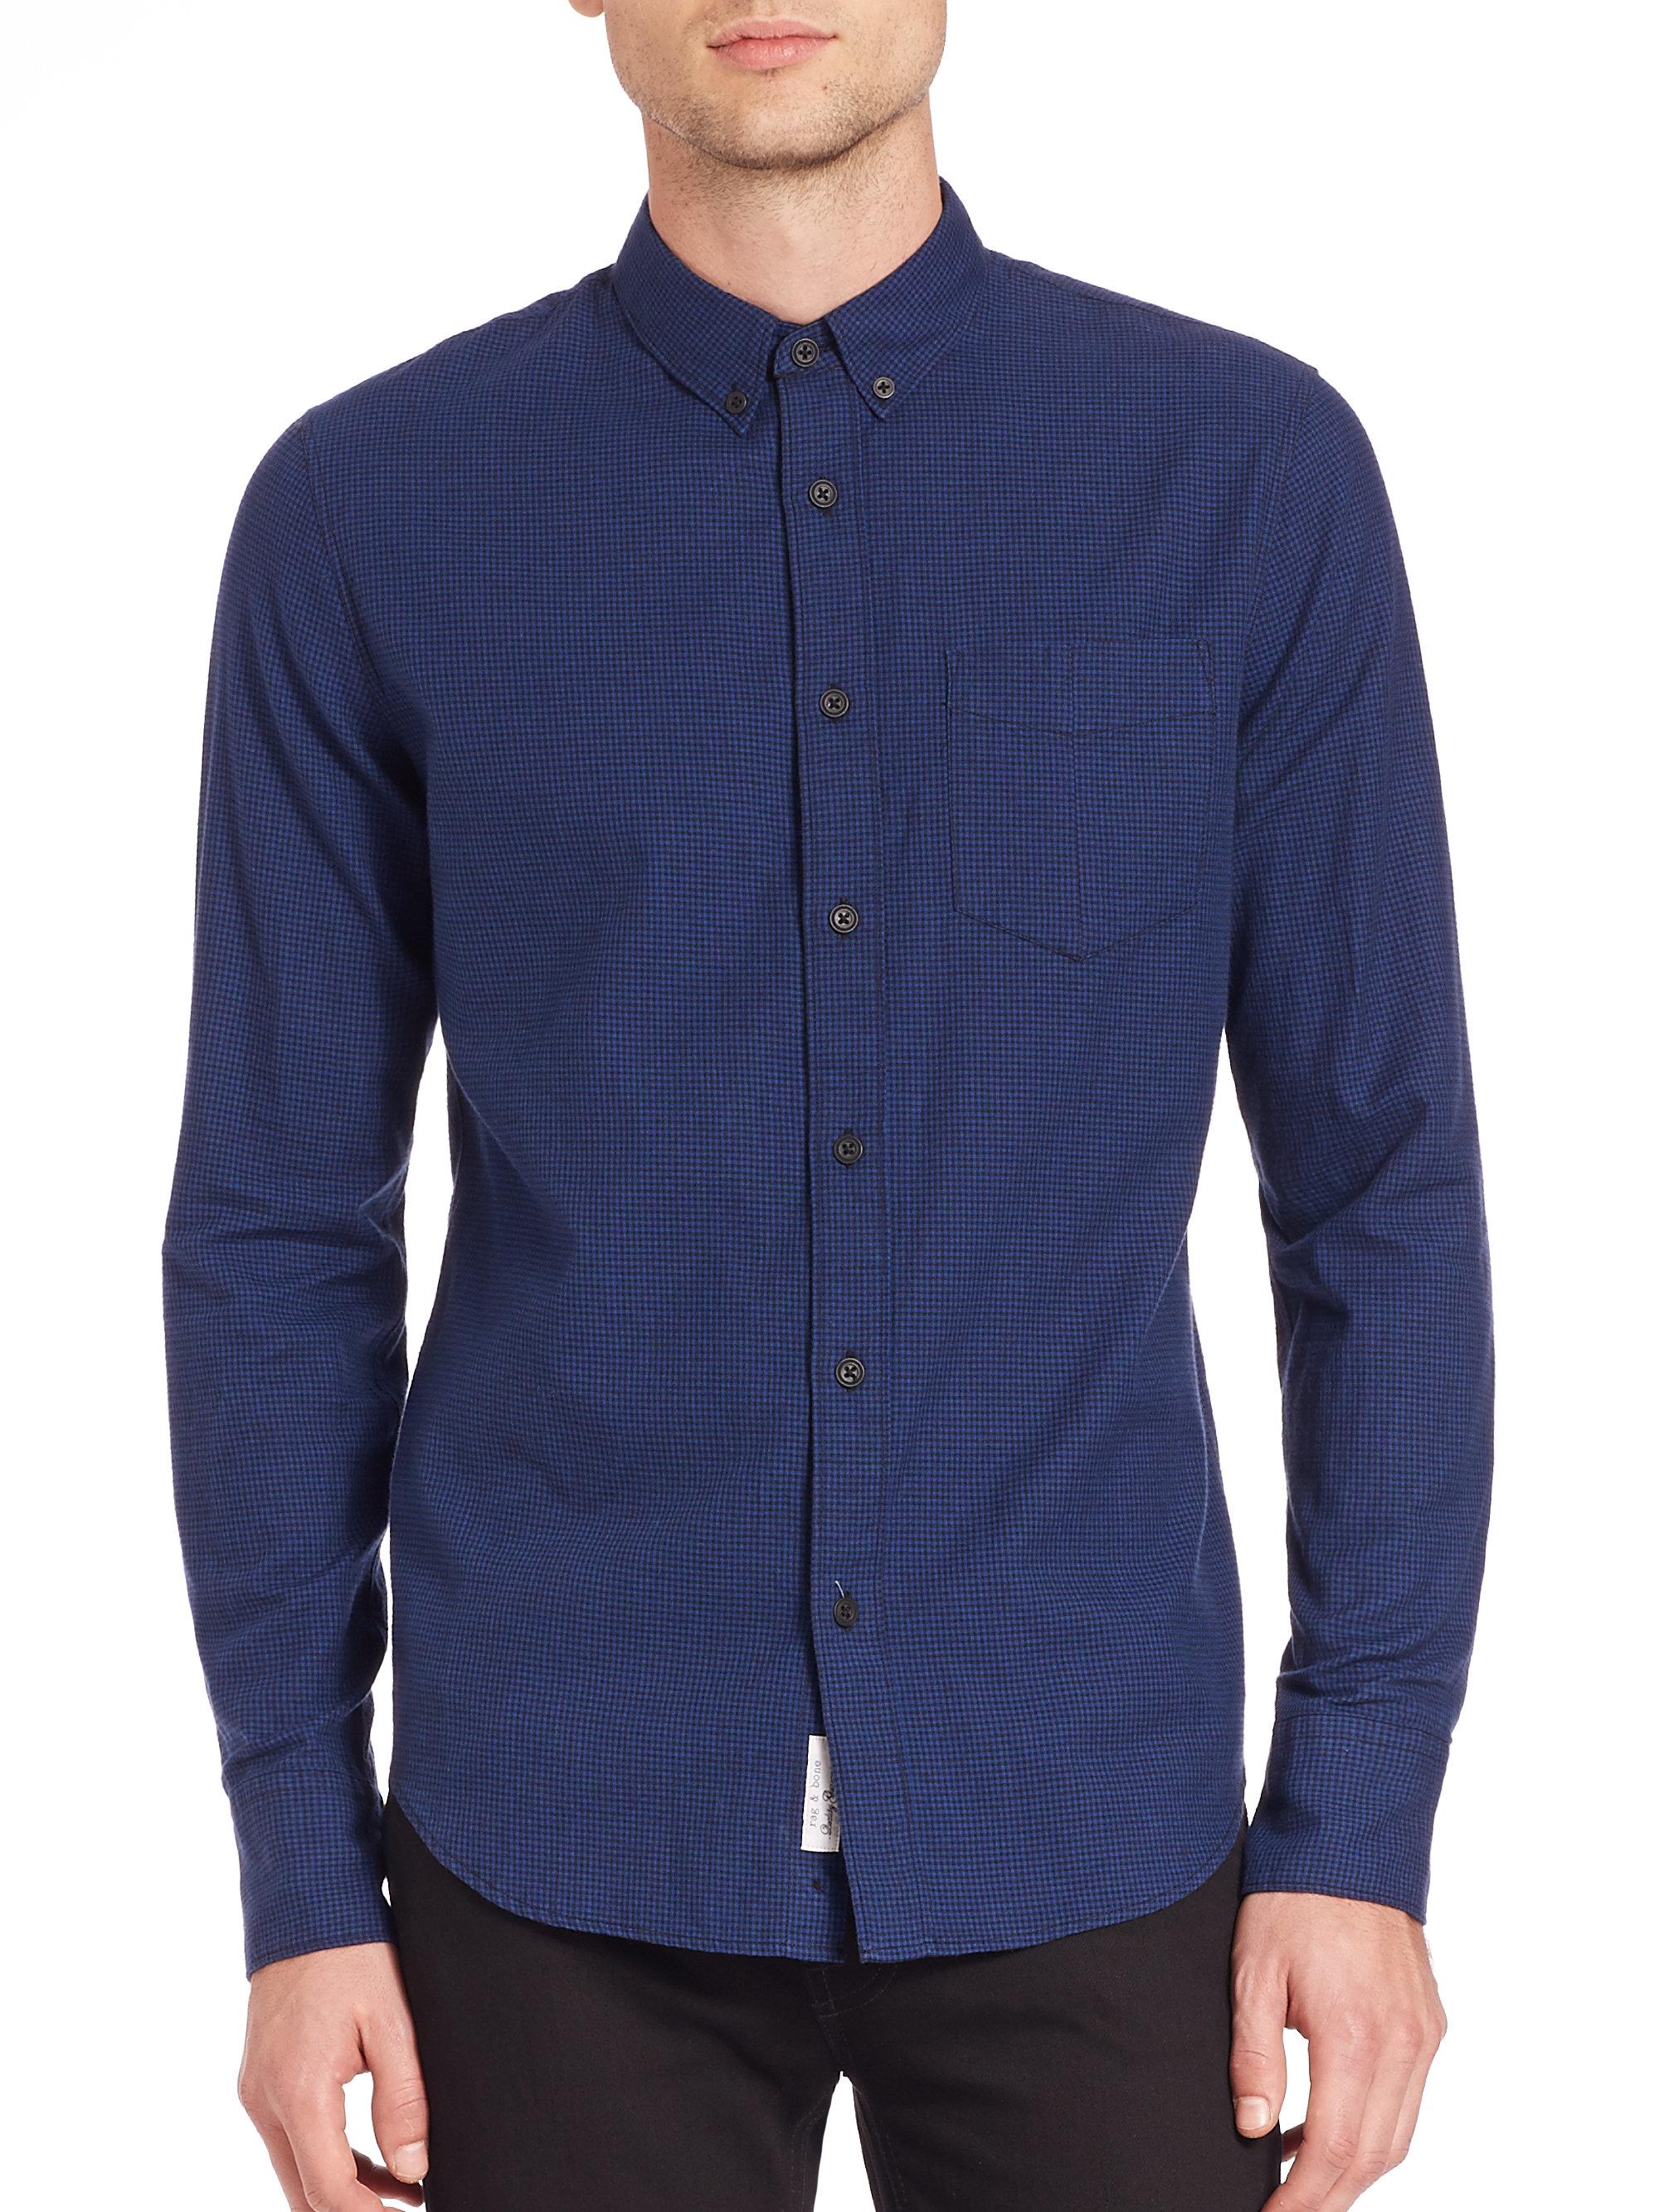 Rag bone yokohama shirt in blue for men lyst for Rag bone shirt